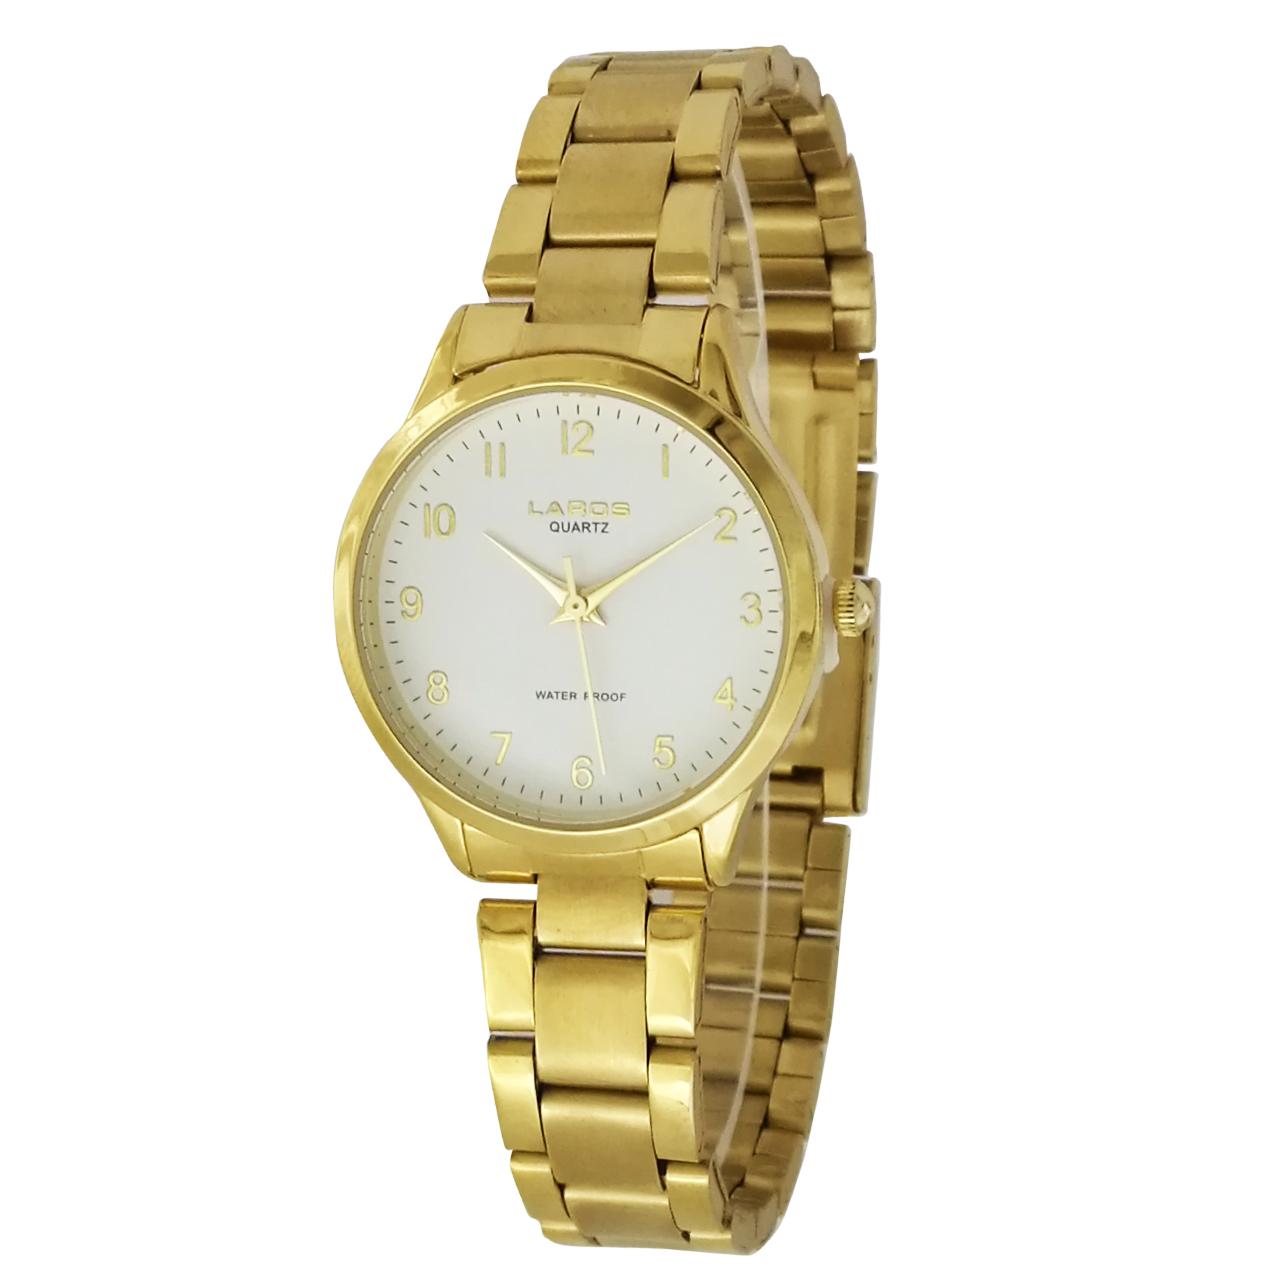 ساعت مچی عقربه ای زنانه لاروس مدل  0118-80206 به همراه دستمال مخصوص برند کلین واچ